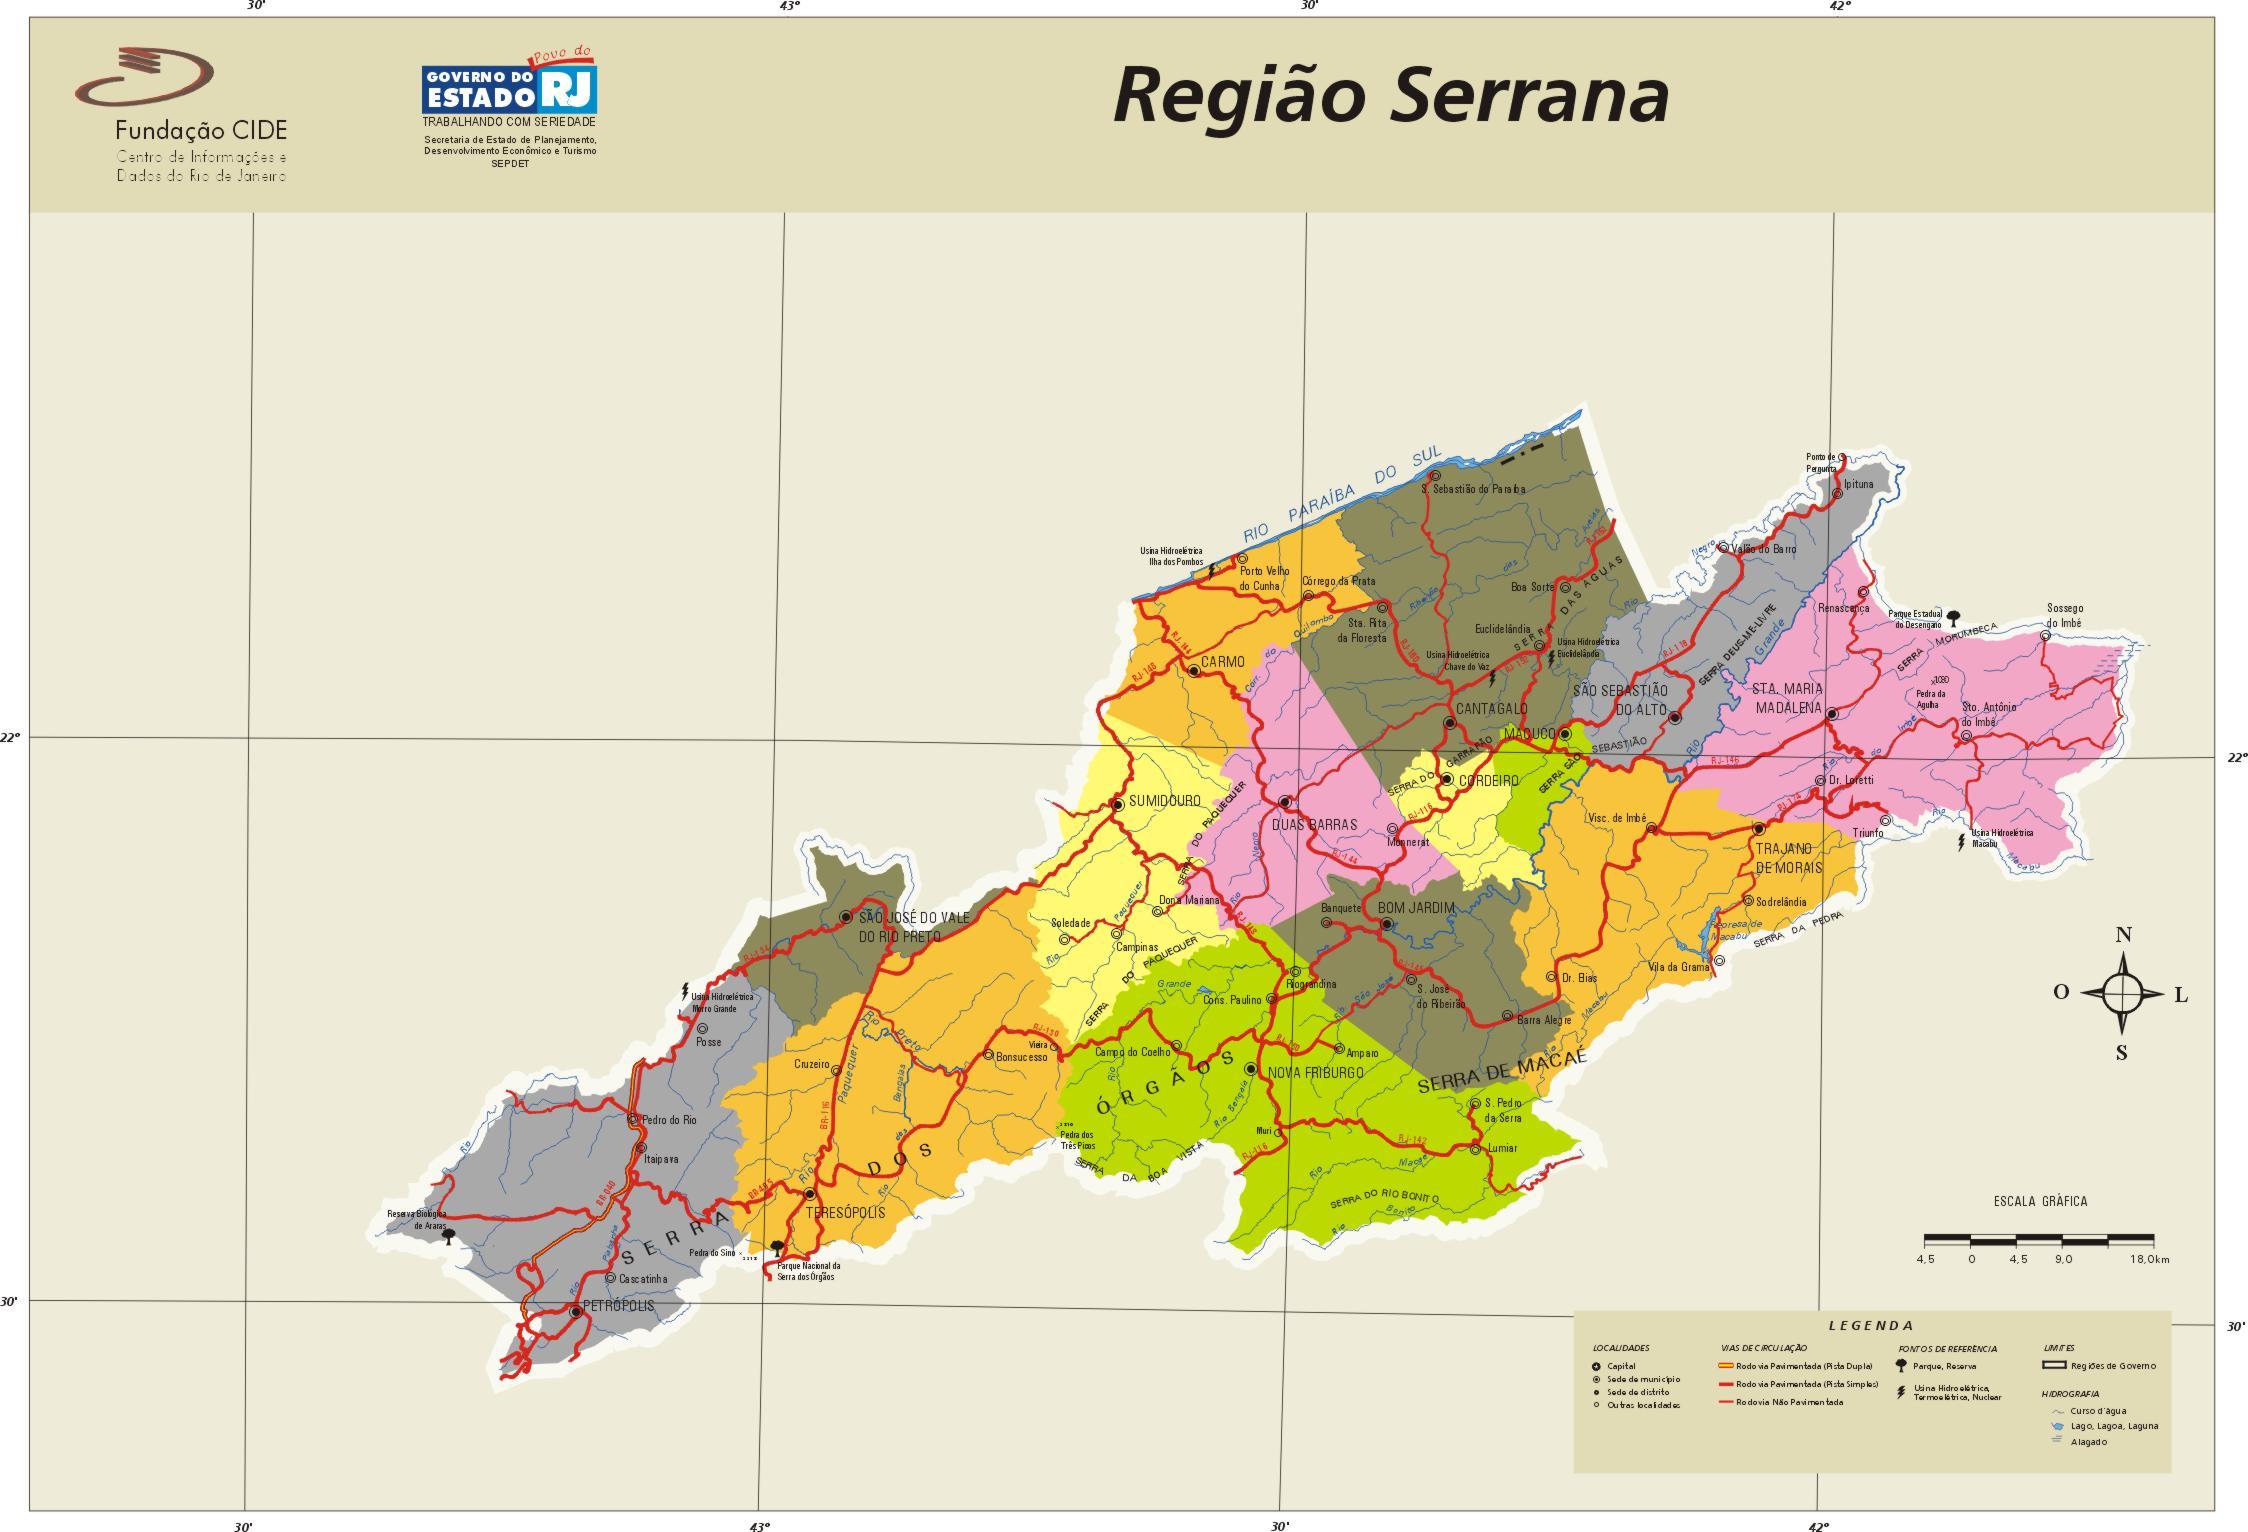 Mapa de la Region Serrana, Edo. Rio de Janeiro, Brasil